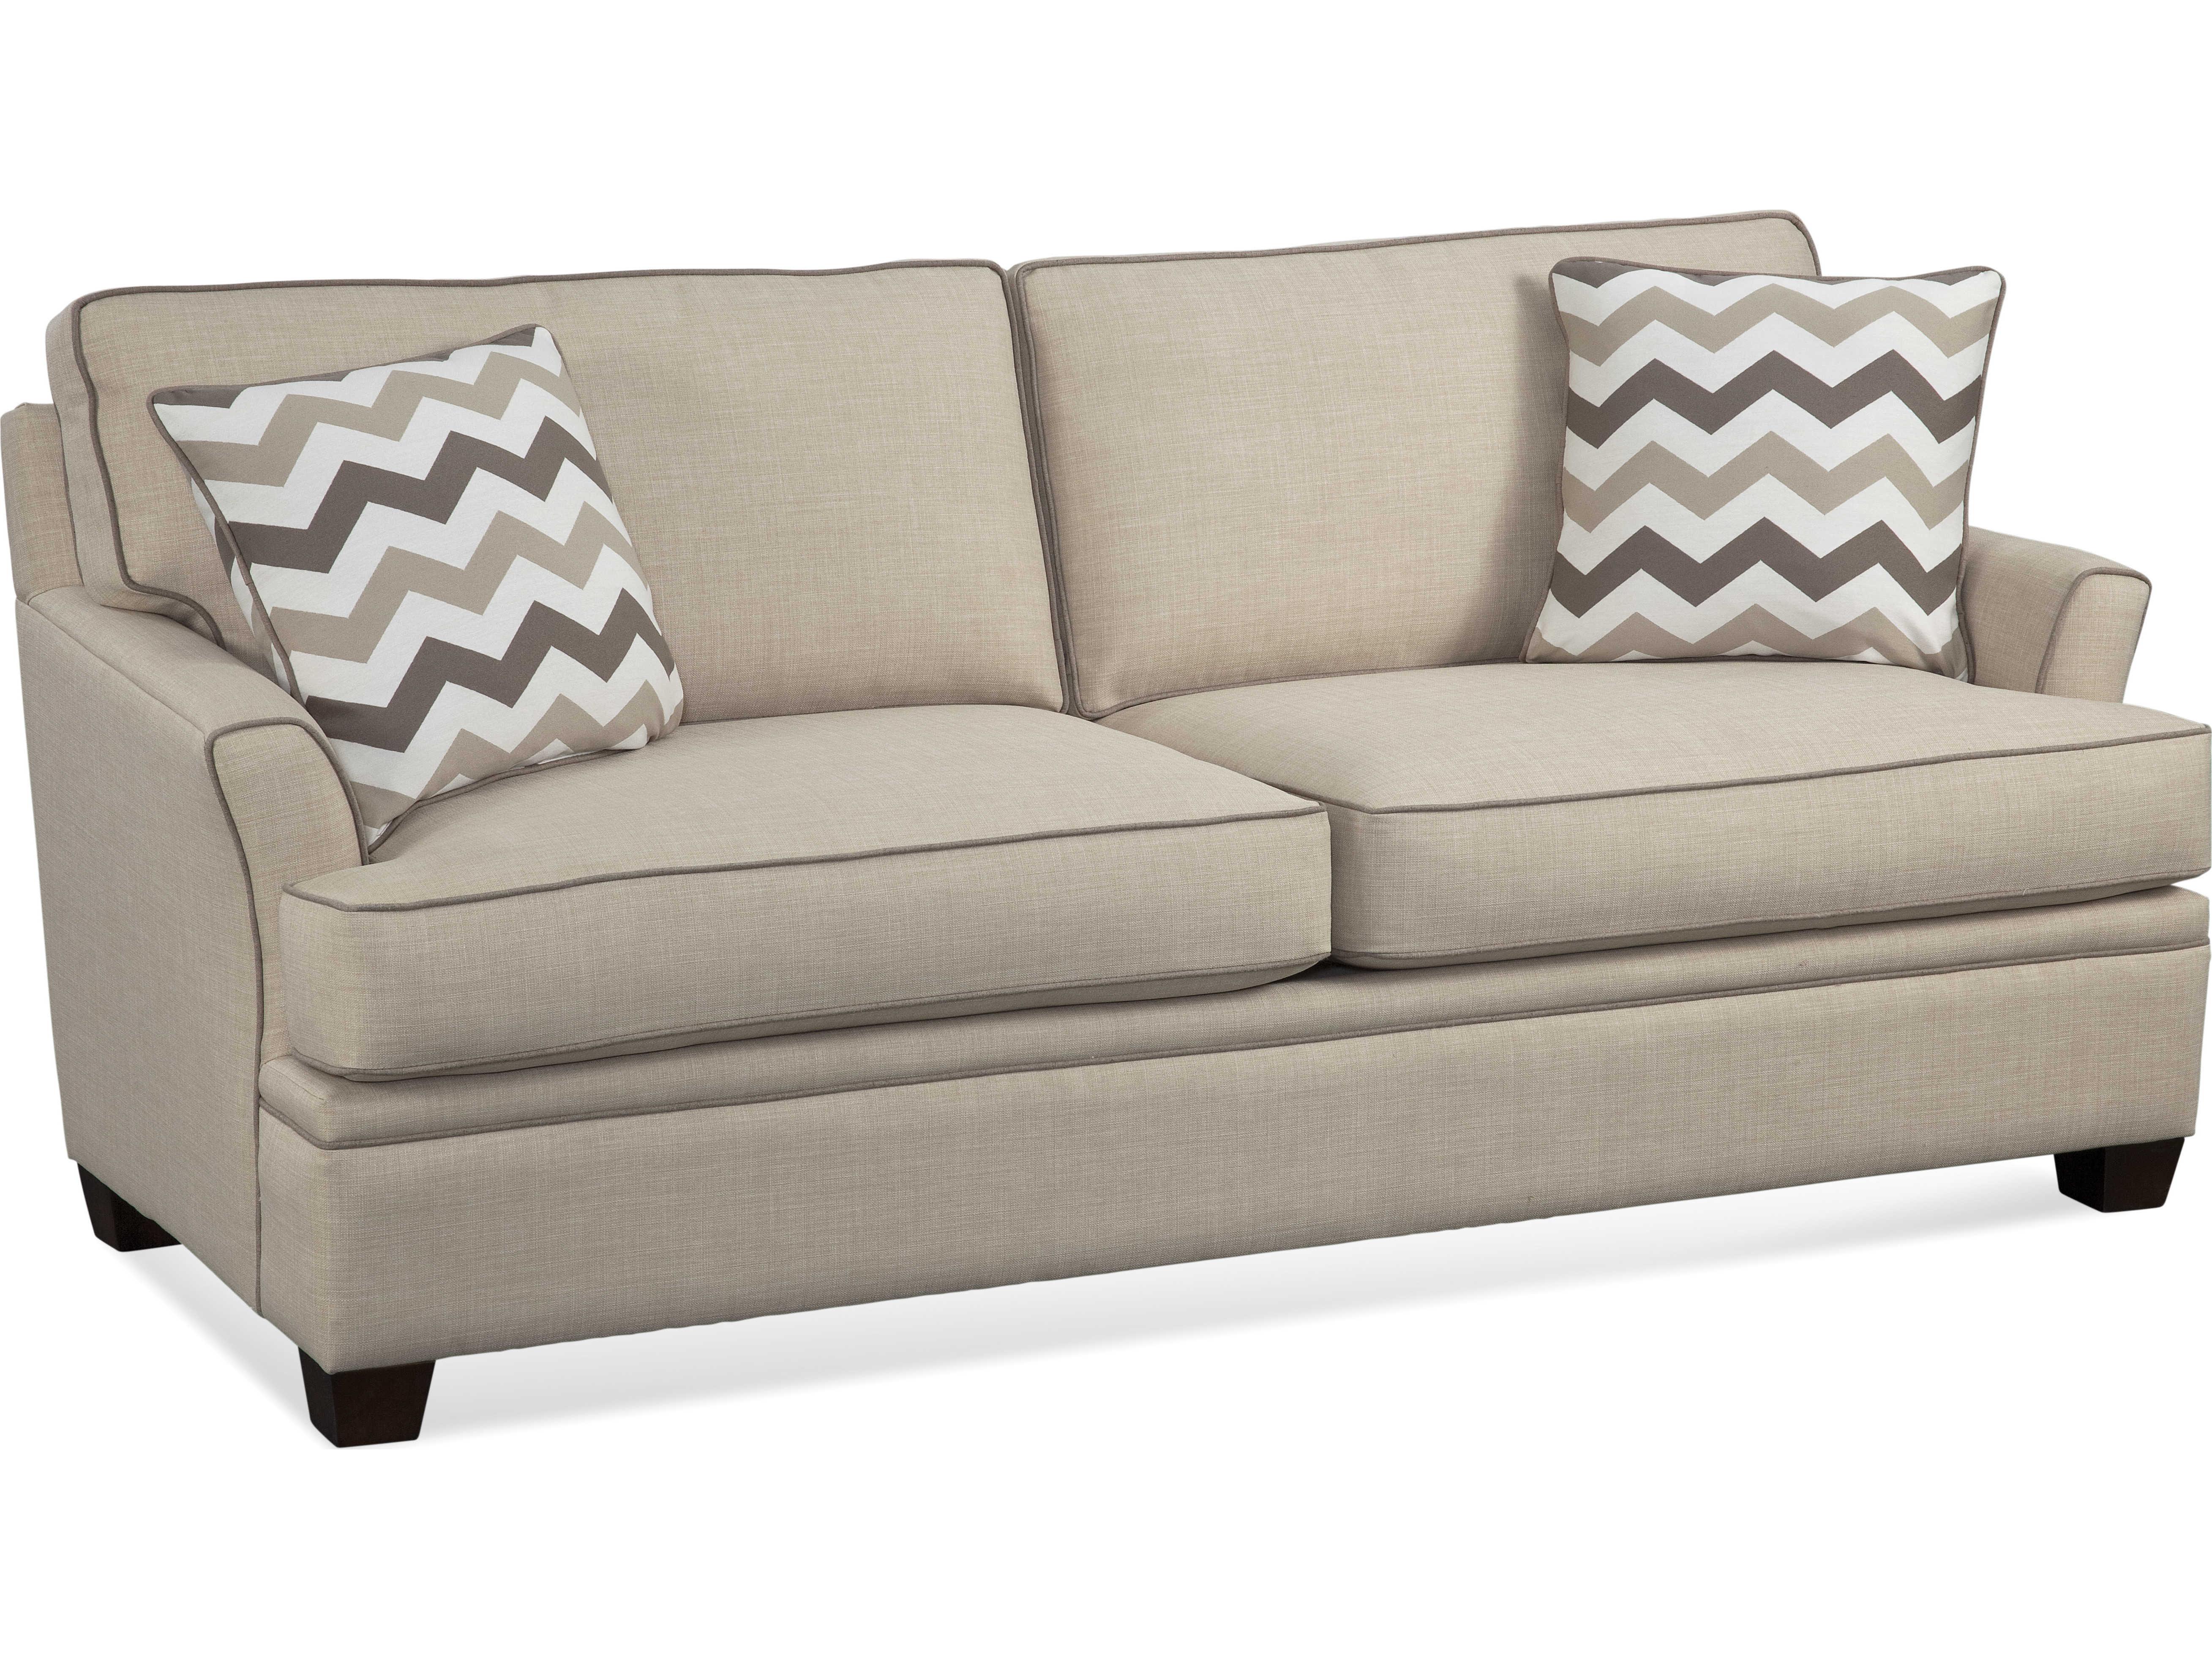 Braxton Culler Greenwich Sofa Bed